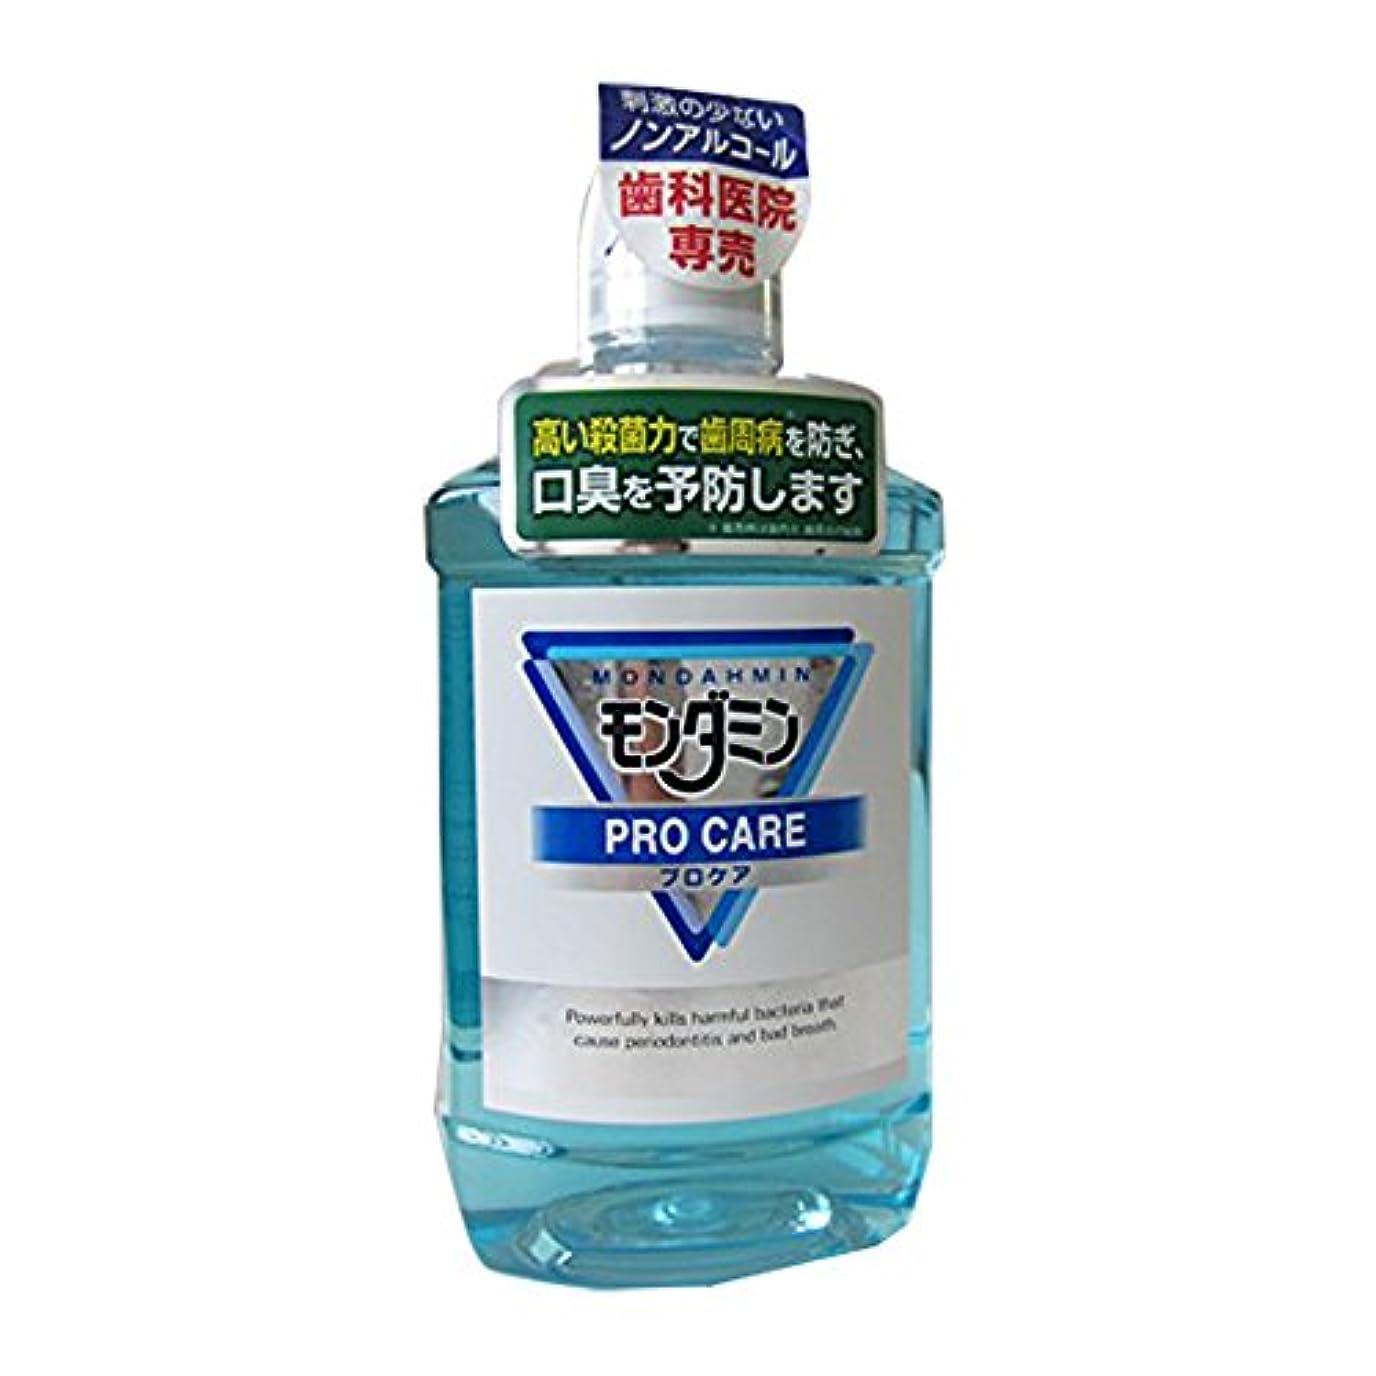 特徴づける興奮意気消沈したモンダミン モンダミン プロケア 1000ml ボトル 液体歯磨き単品